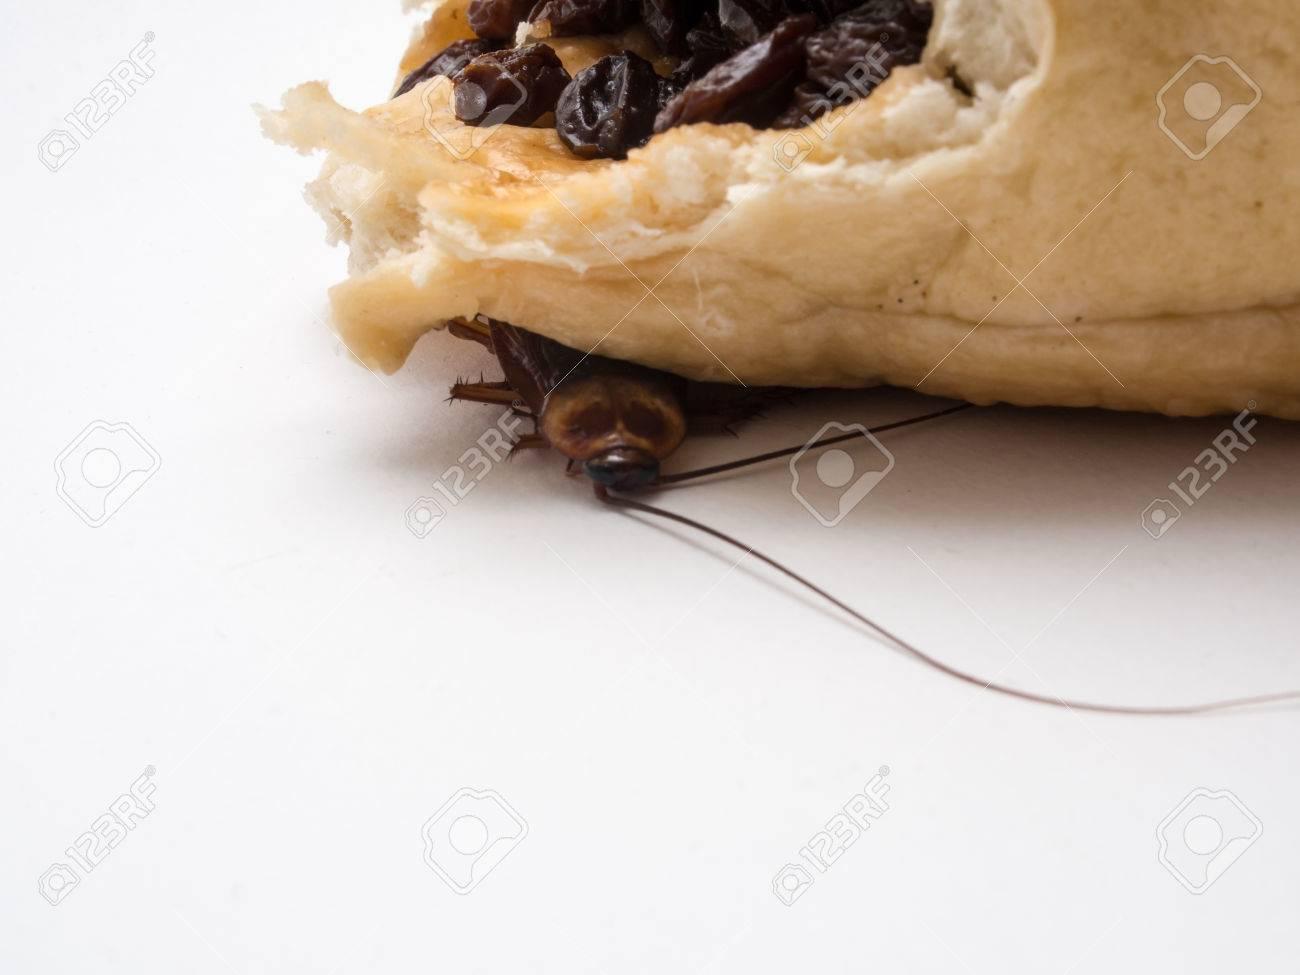 Blatte De Cuisine Photo les blattes sont porteurs de maladies que vous devez